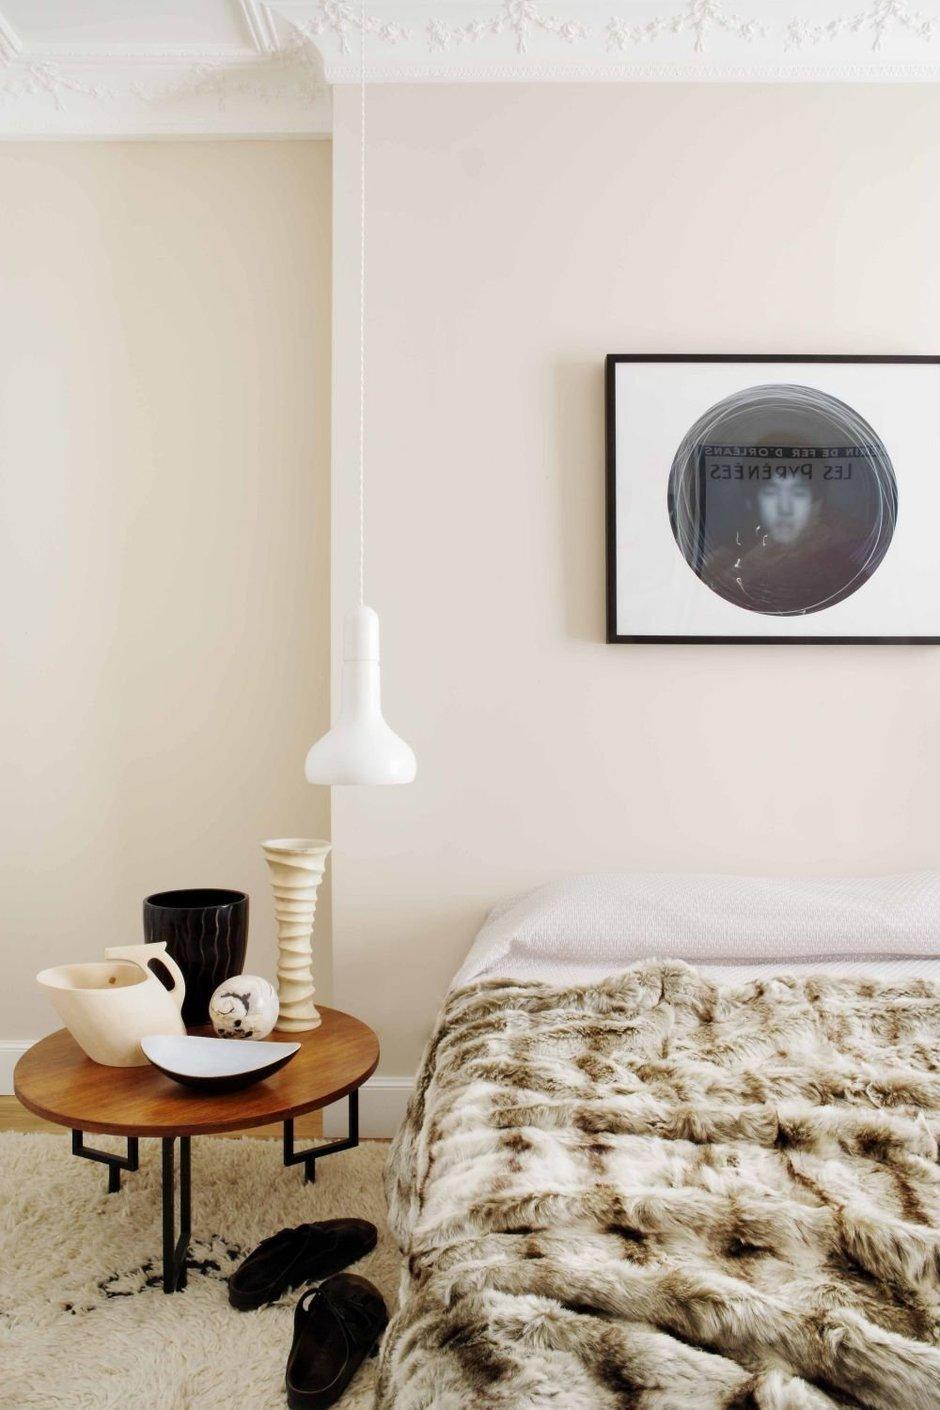 Фотография: Спальня в стиле Лофт, Современный, Классический, Эклектика, Квартира, Цвет в интерьере, Дома и квартиры, Белый, Ретро – фото на InMyRoom.ru